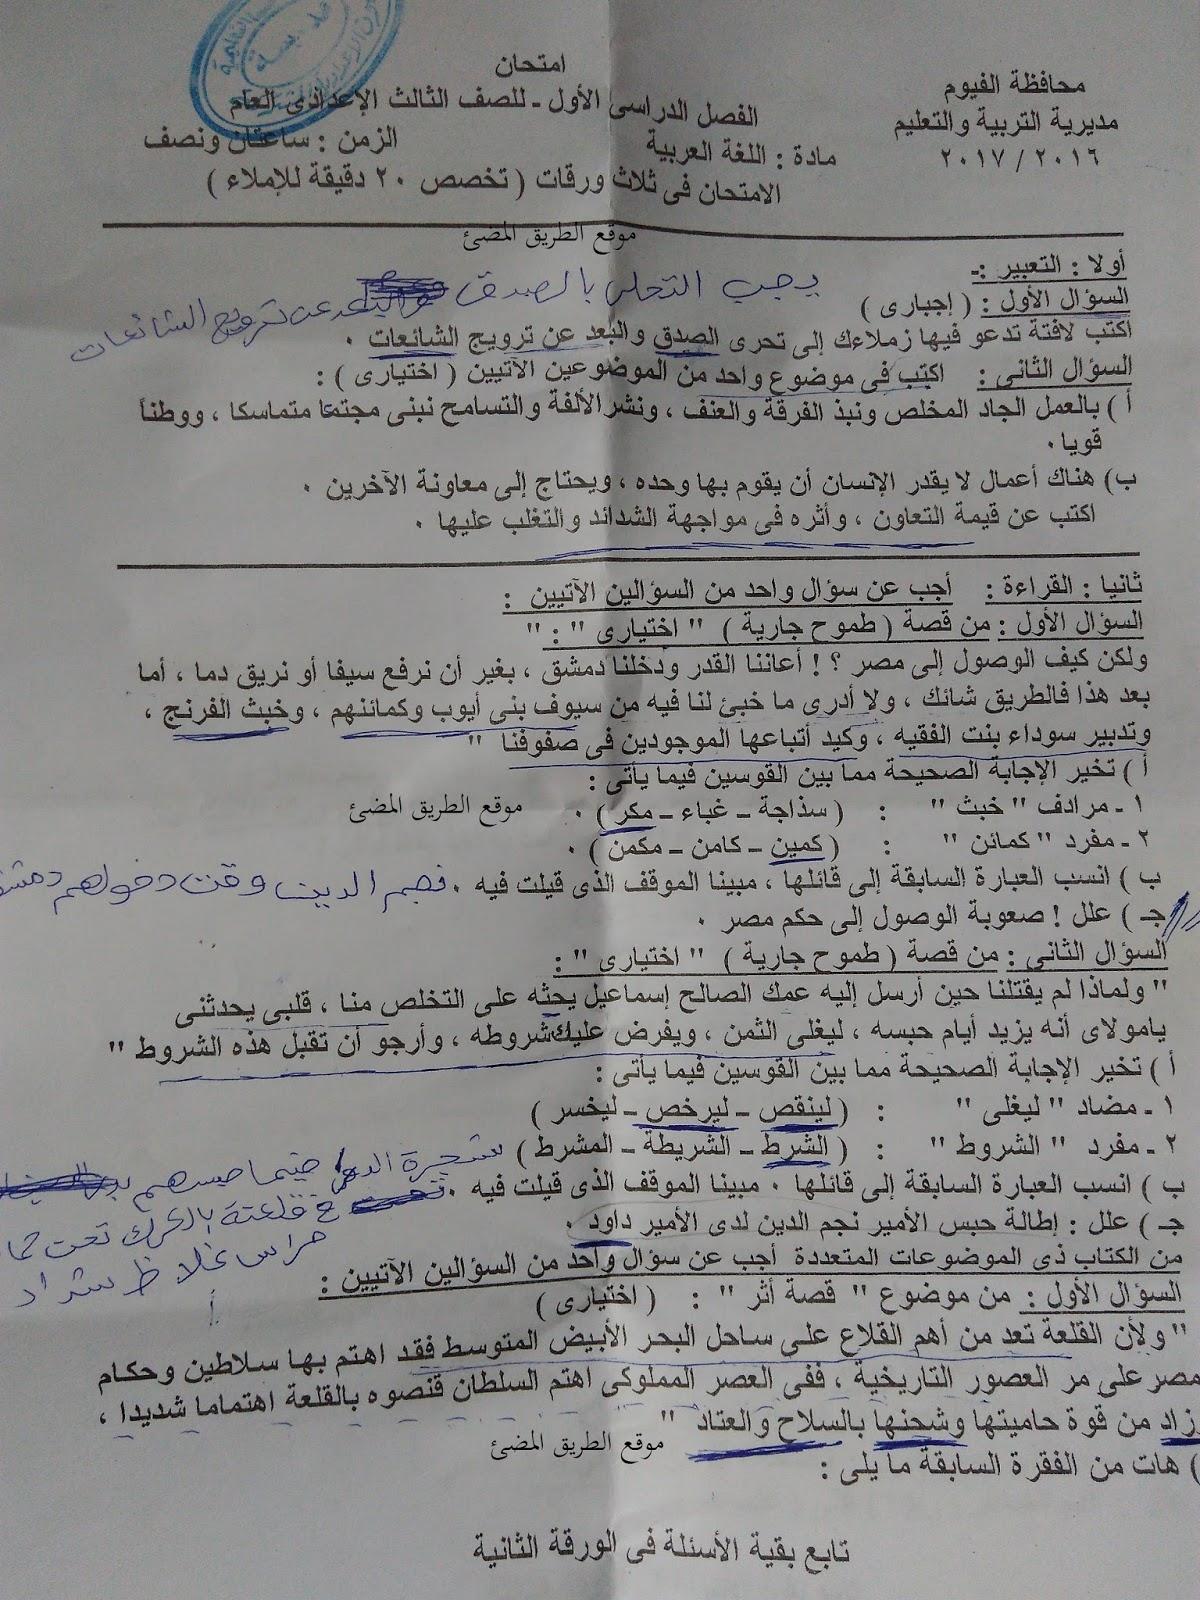 امتحان نصف العام الرسمى فى اللغة العربية محافظة الفيوم الصف الثالث الاعدادى 2017.